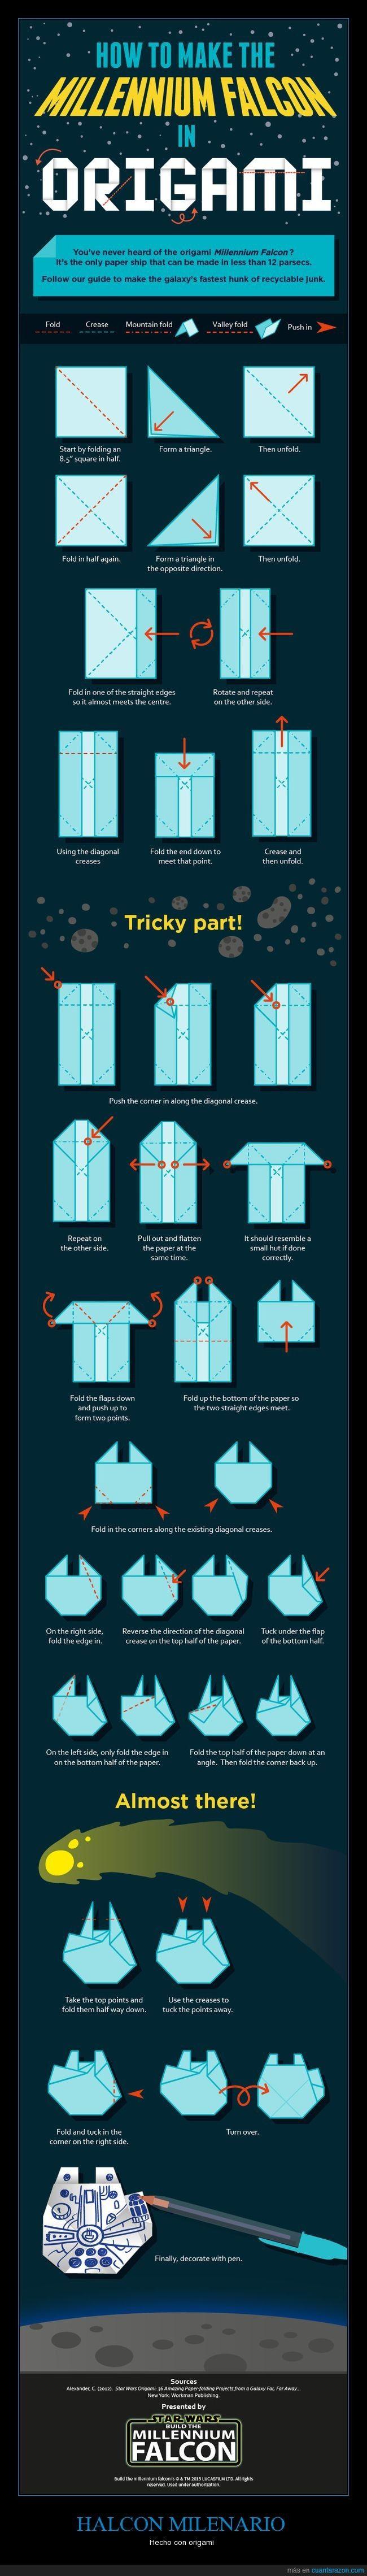 Te explicamos cómo construir el Halcón Milenario con papel - Hecho con origami   Gracias a http://www.cuantarazon.com/   Si quieres leer la noticia completa visita: http://www.estoy-aburrido.com/te-explicamos-como-construir-el-halcon-milenario-con-papel-hecho-con-origami/